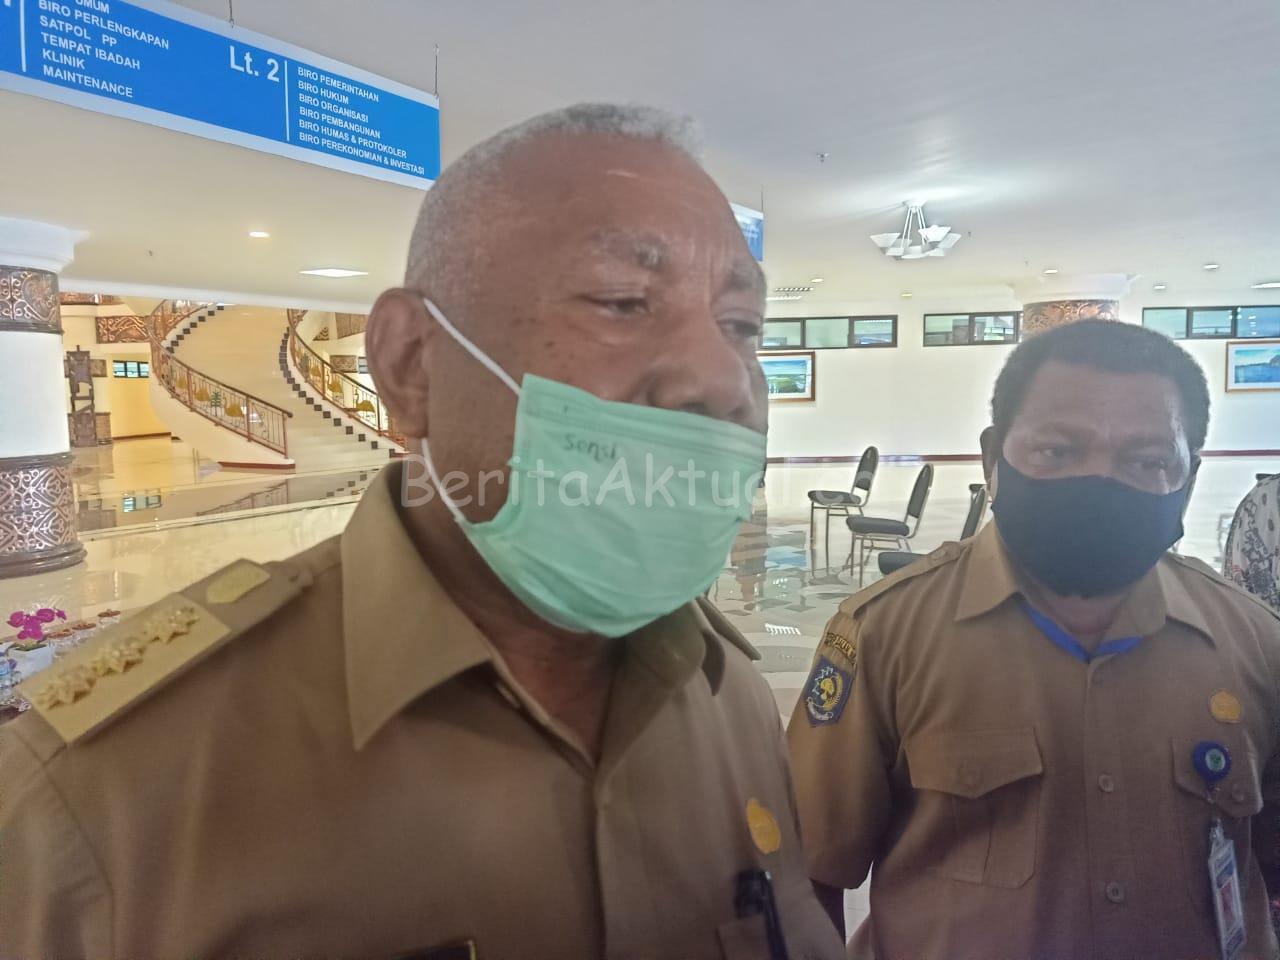 Mandacan: Warga Sorong Dan Manokwari Yang Ada di Jayapura Akan Dipulangkan 16 IMG 20200616 WA0023